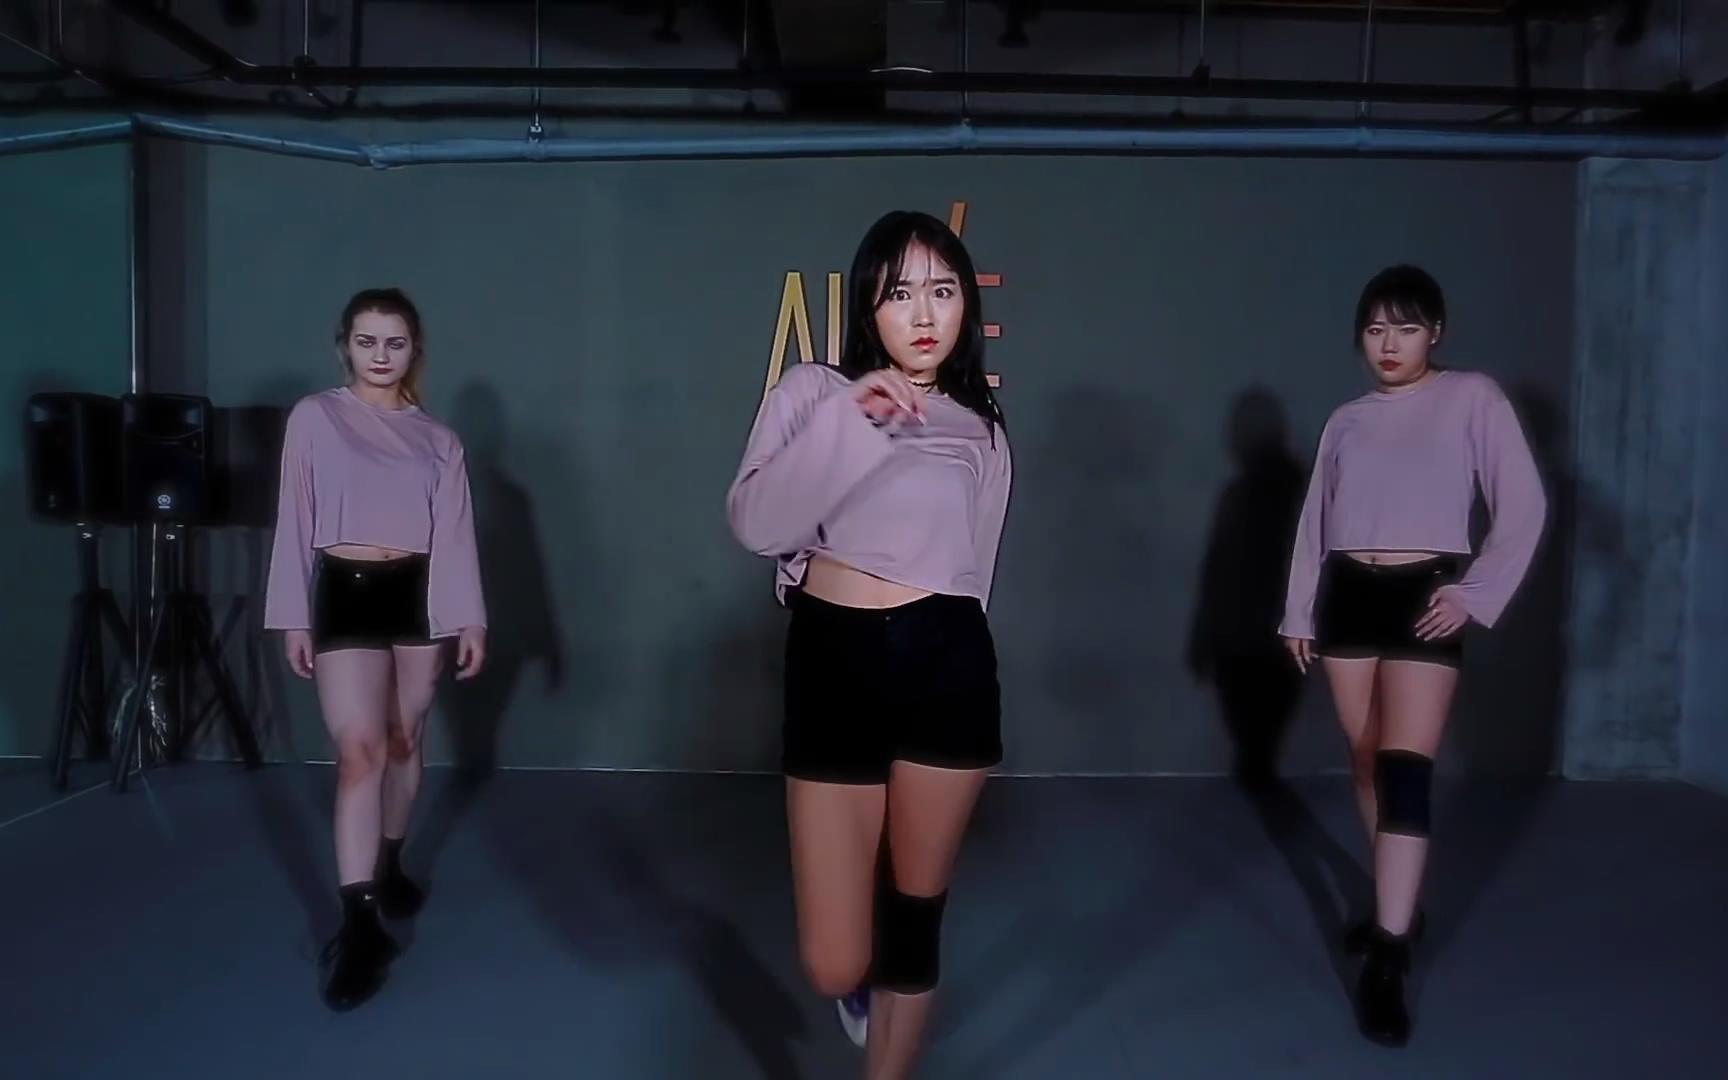 【爵士罪犯】holicsso编舞热单work(r3habremix)vs女警性感美女性感图片